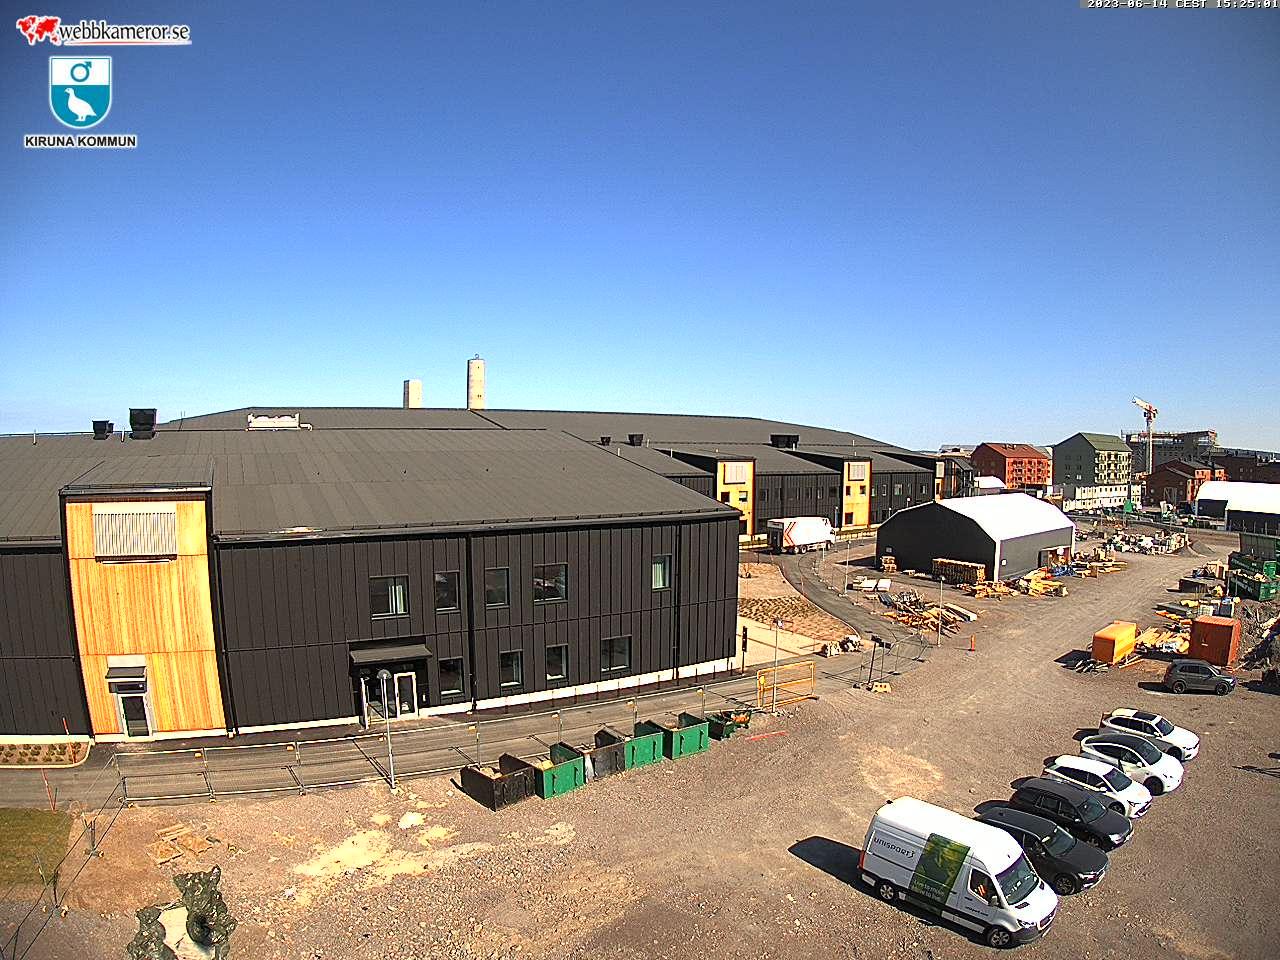 Webbkamera - Kiruna